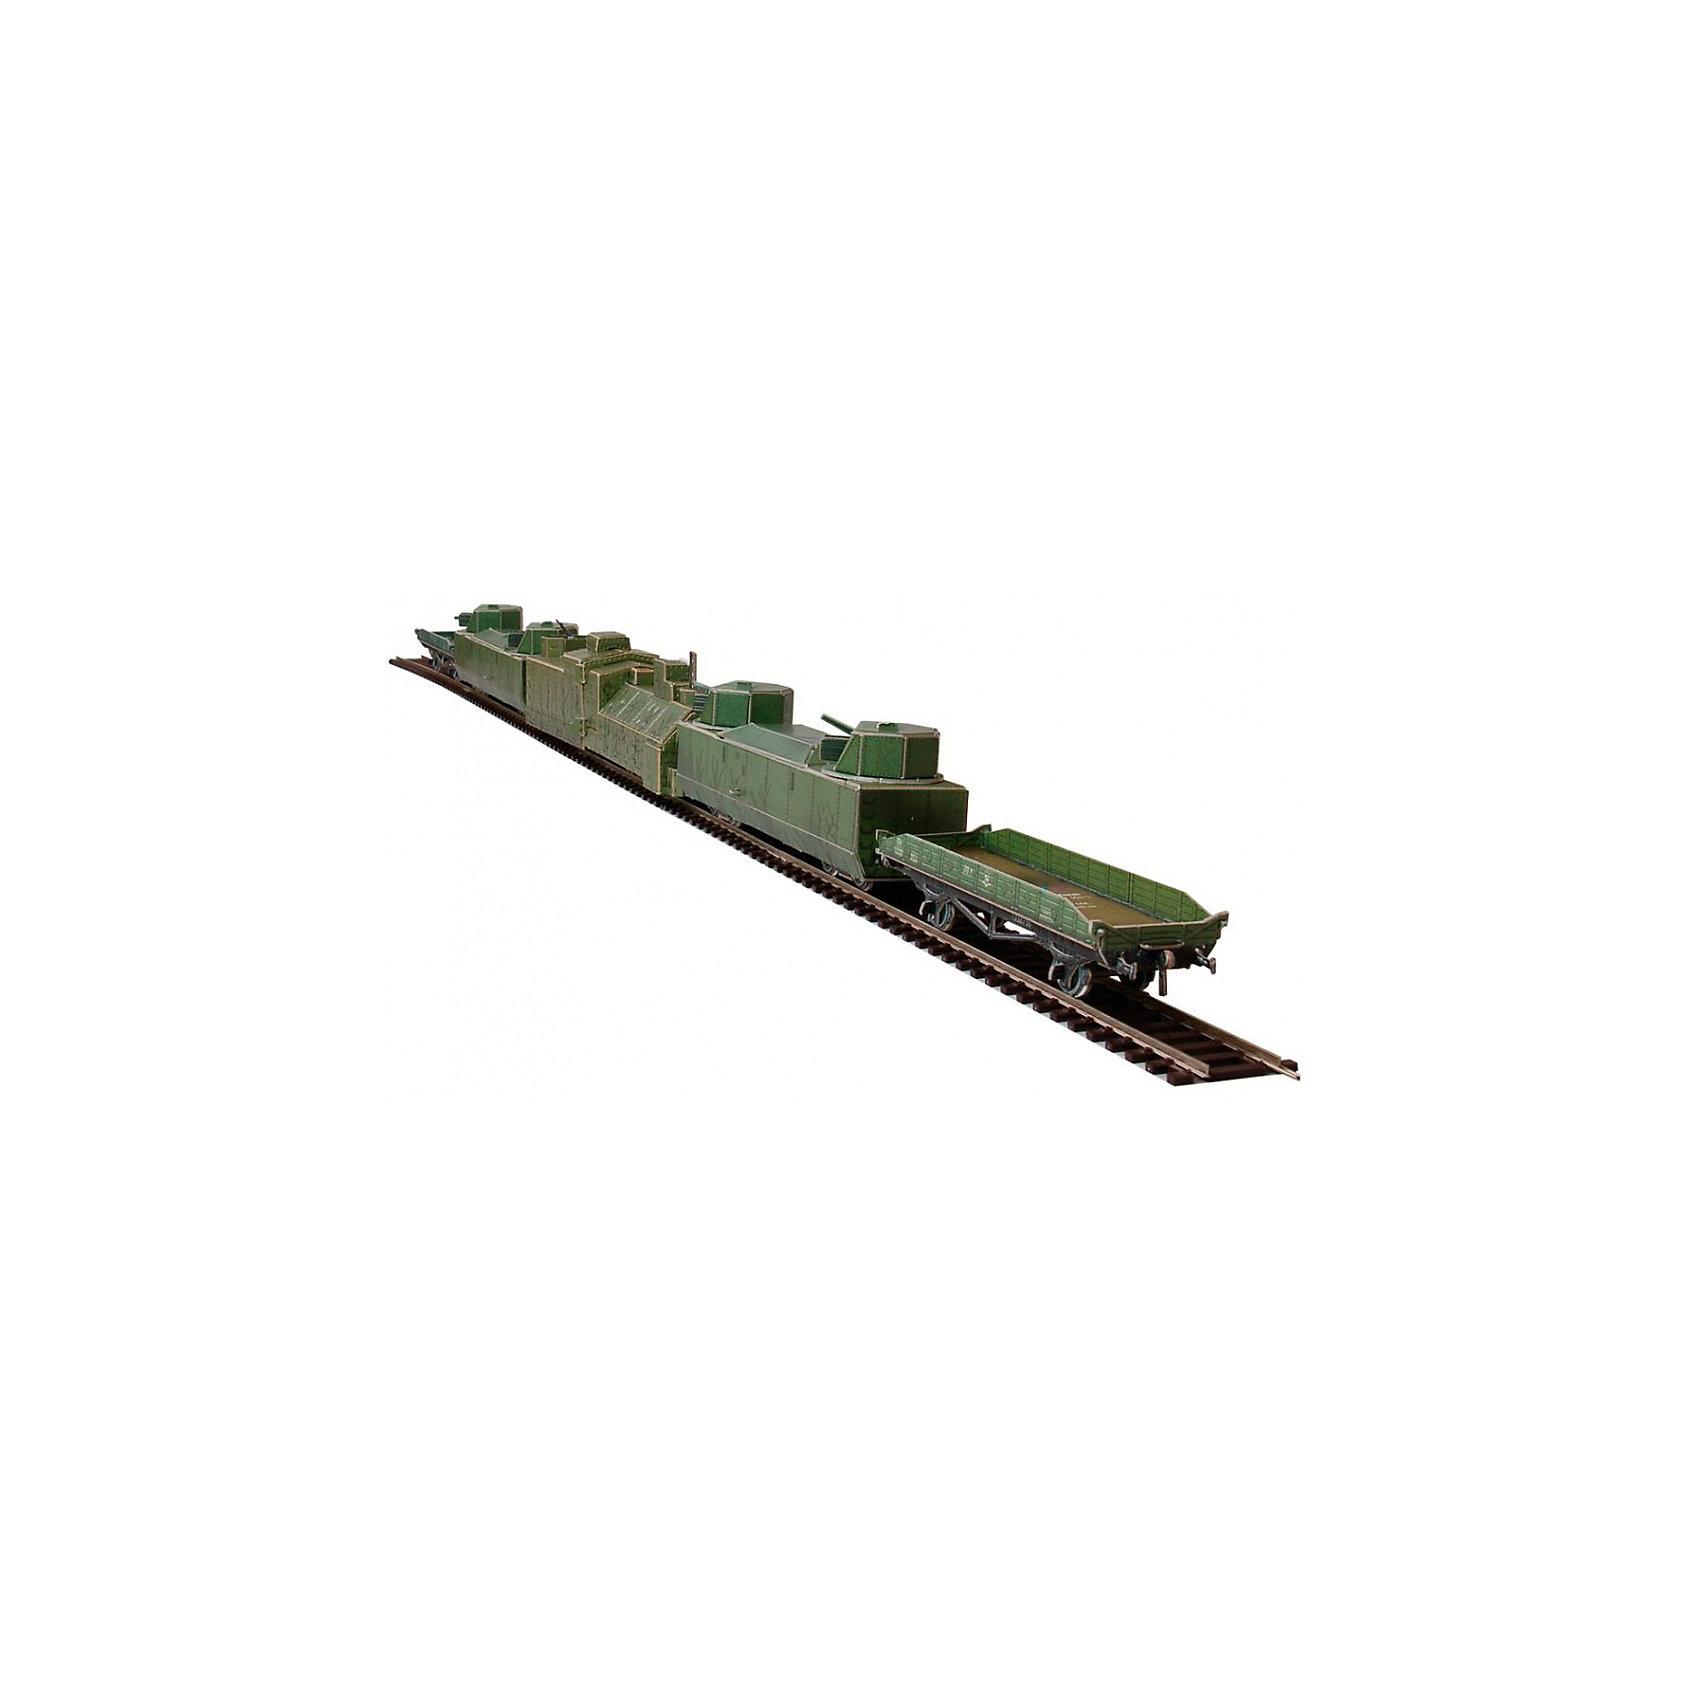 Сборная модель Бронепоезд 1939-1945 CCCРБронепоезд - Сборная модель из картона. Серия: Масштабные модели. Количество деталей, шт: 174. Размер в собранном виде, см: Бронепаровоз 1шт - 22 х 5,5 х 4. Бронеплощадка 2шт - 16,5 х 5 х 3,5. Платформа 2шт - 12 х 2,5 х 3,5.. Размер упаковки, мм.:  высота 264 ширина 180 глубина 19. Тип упаковки: Картонная коробка. Вес, гр.: 338. Возраст: от 9 лет. Все модели и игрушки, созданные по технологии УМНАЯ БУМАГА собираются без ножниц и клея, что является их неповторимой особенностью.<br>Принцип соединения деталей запатентован. Соединения деталей продуманы и просчитаны с такой точностью, что при правильной сборке с моделью можно играть, как с обычной игрушкой.<br><br>Ширина мм: 180<br>Глубина мм: 19<br>Высота мм: 264<br>Вес г: 338<br>Возраст от месяцев: 108<br>Возраст до месяцев: 2147483647<br>Пол: Унисекс<br>Возраст: Детский<br>SKU: 4807453